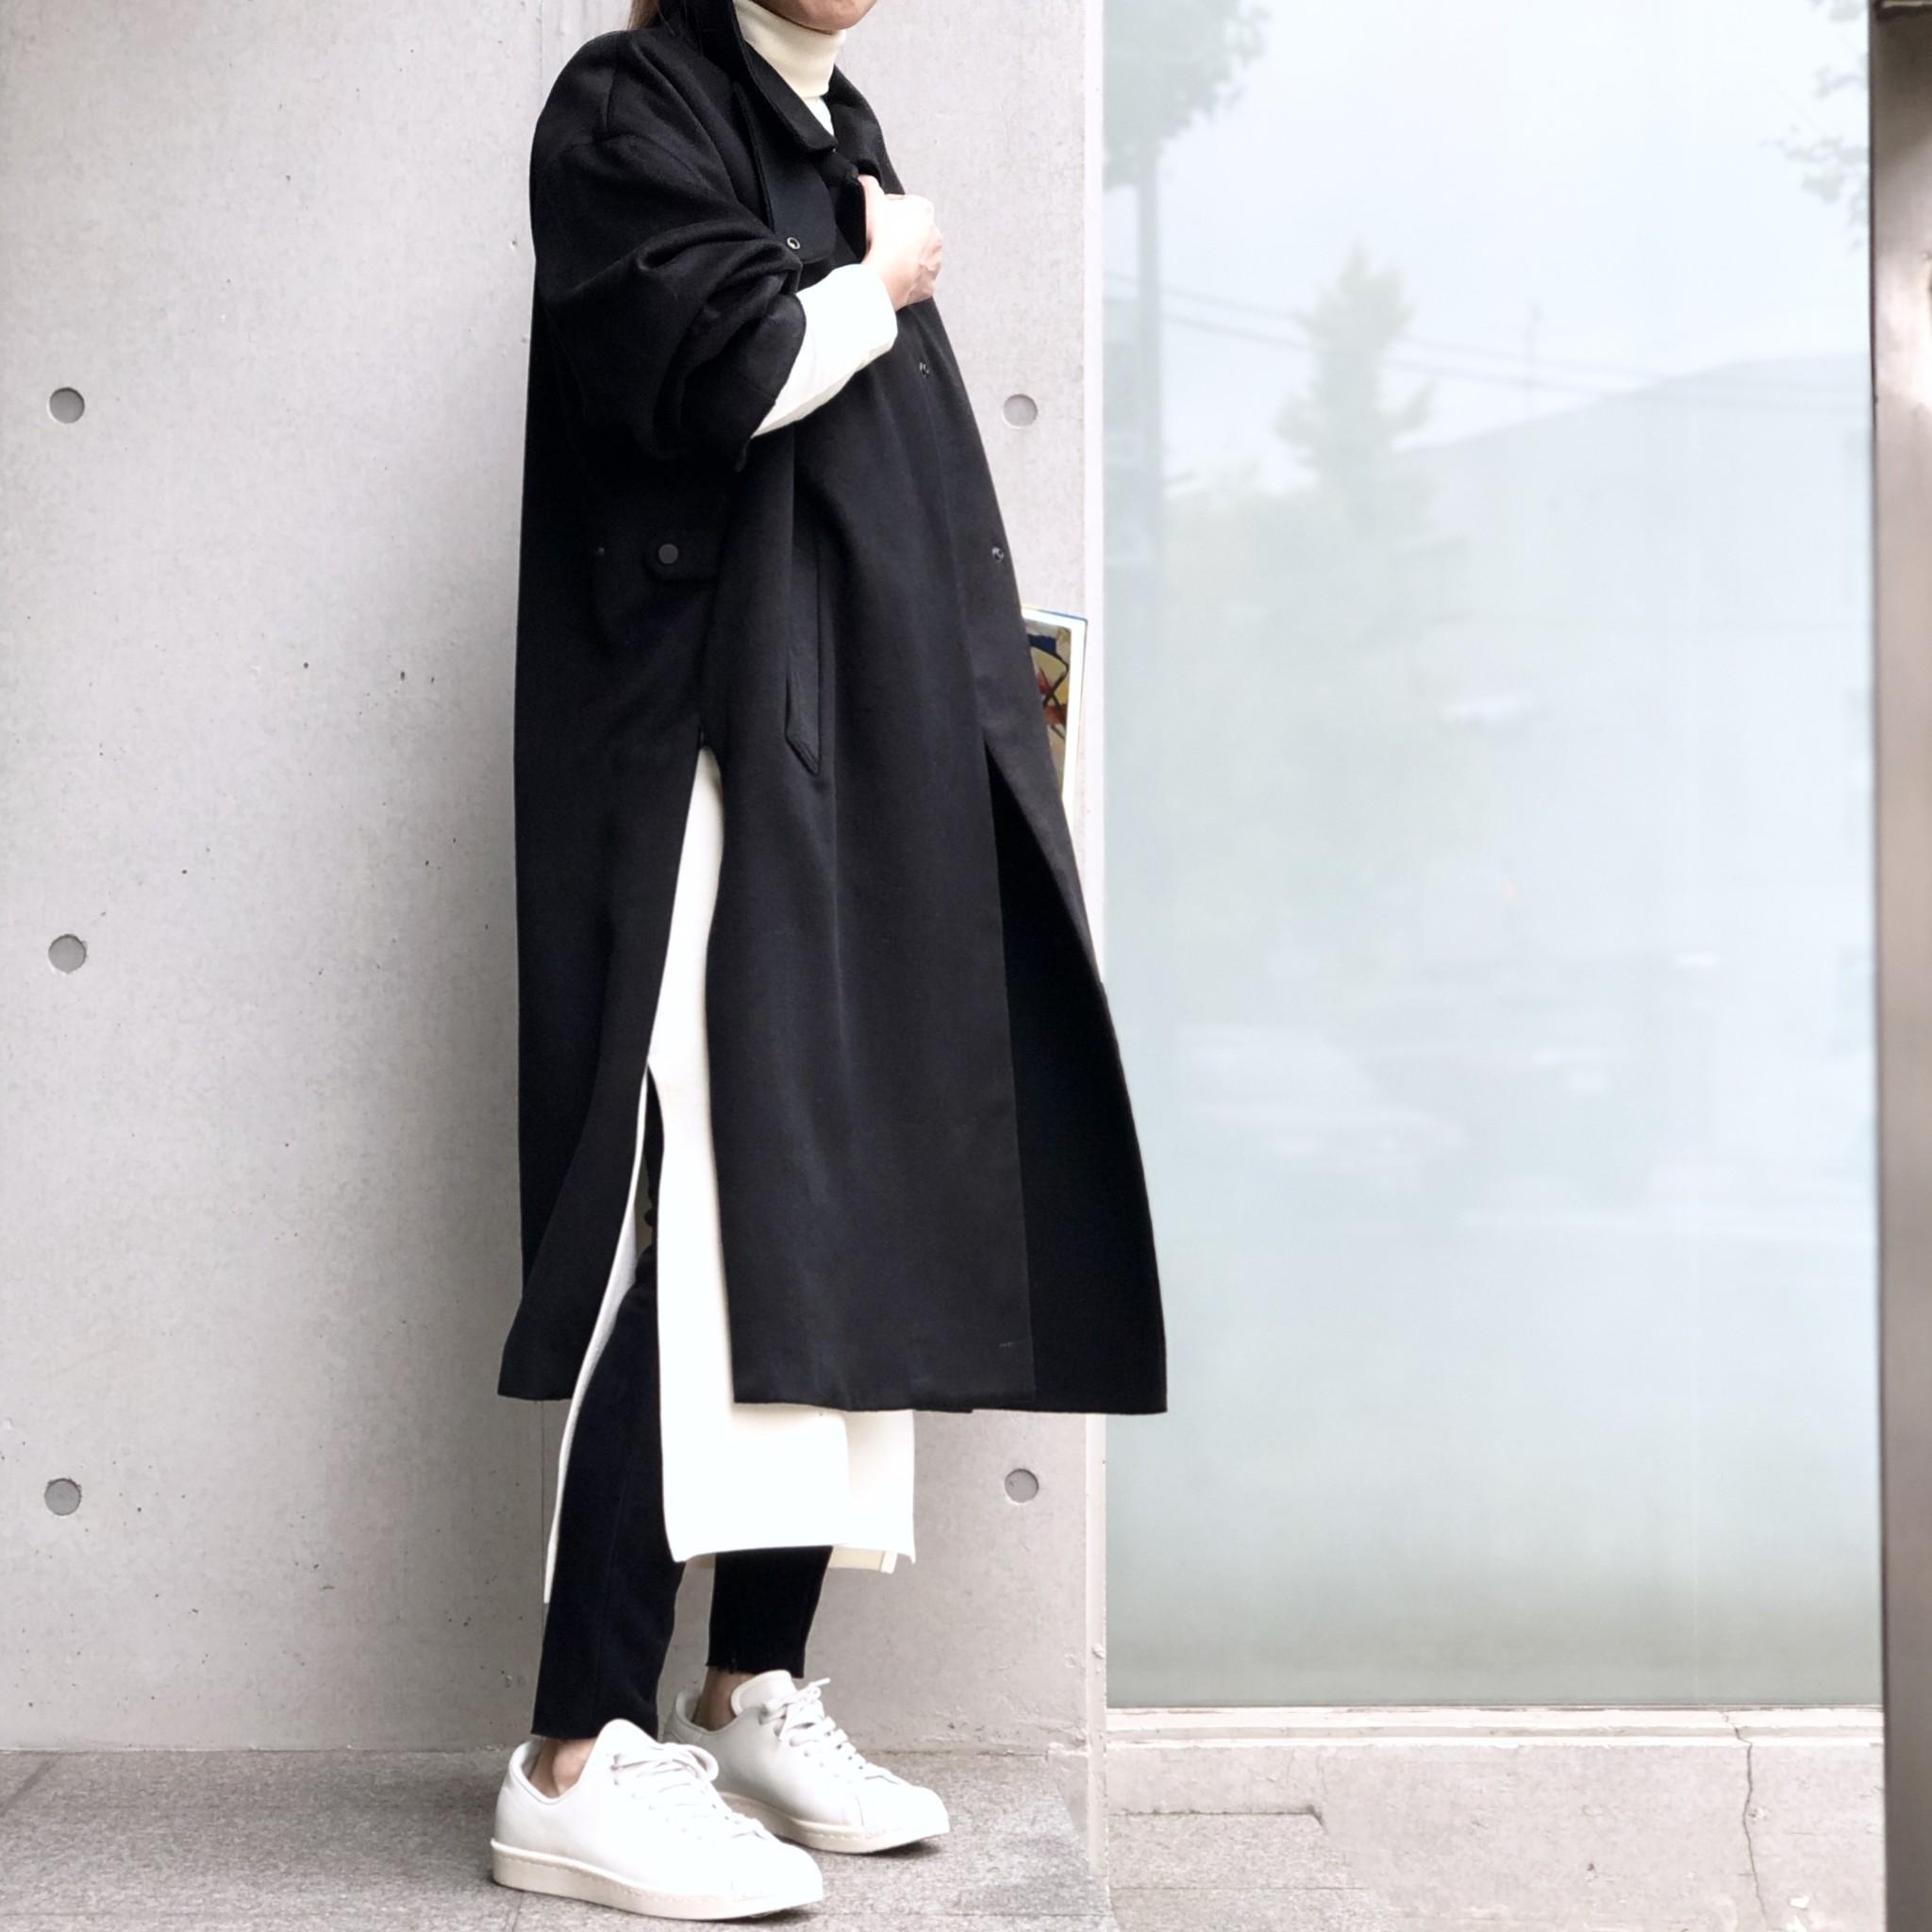 ロングドレスとコートのレイヤードスタイル